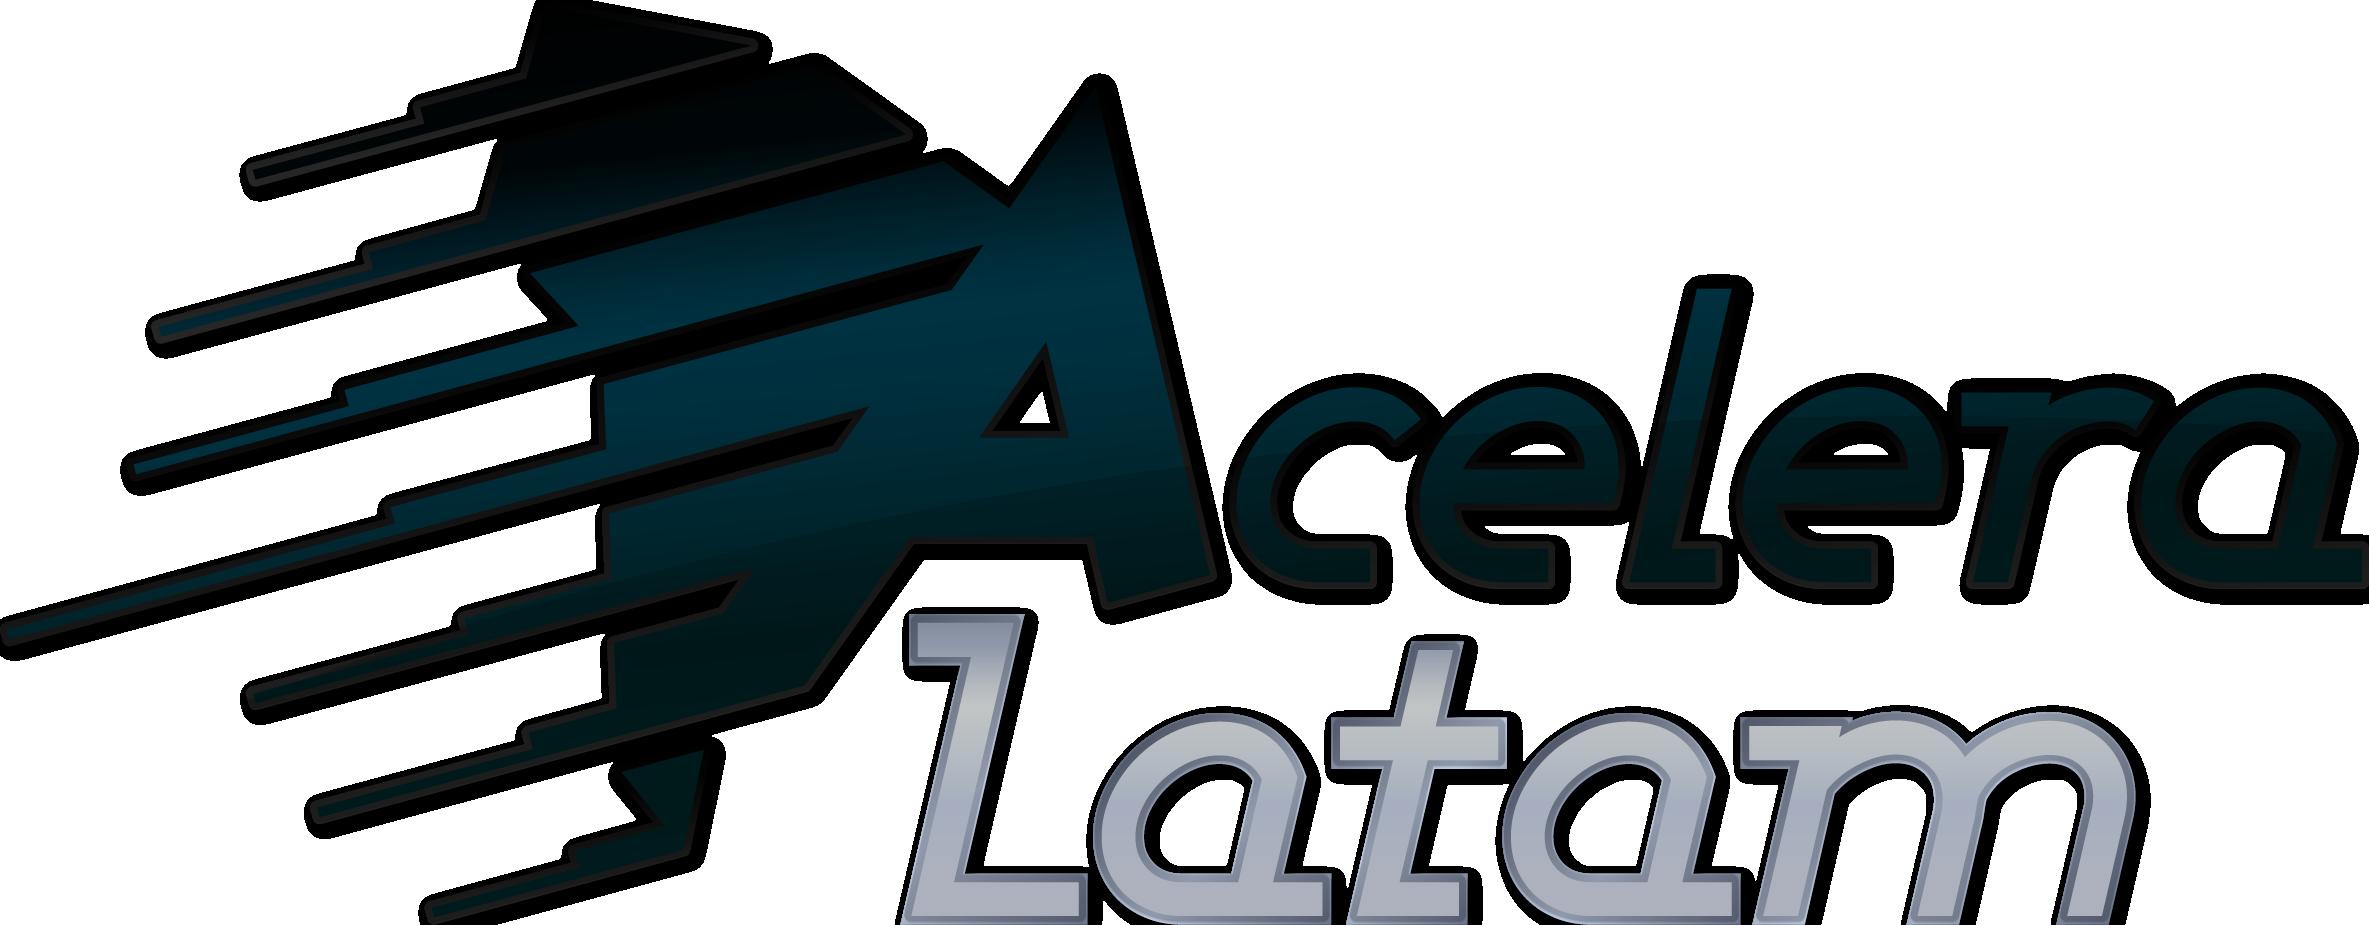 AceleraLatam3D